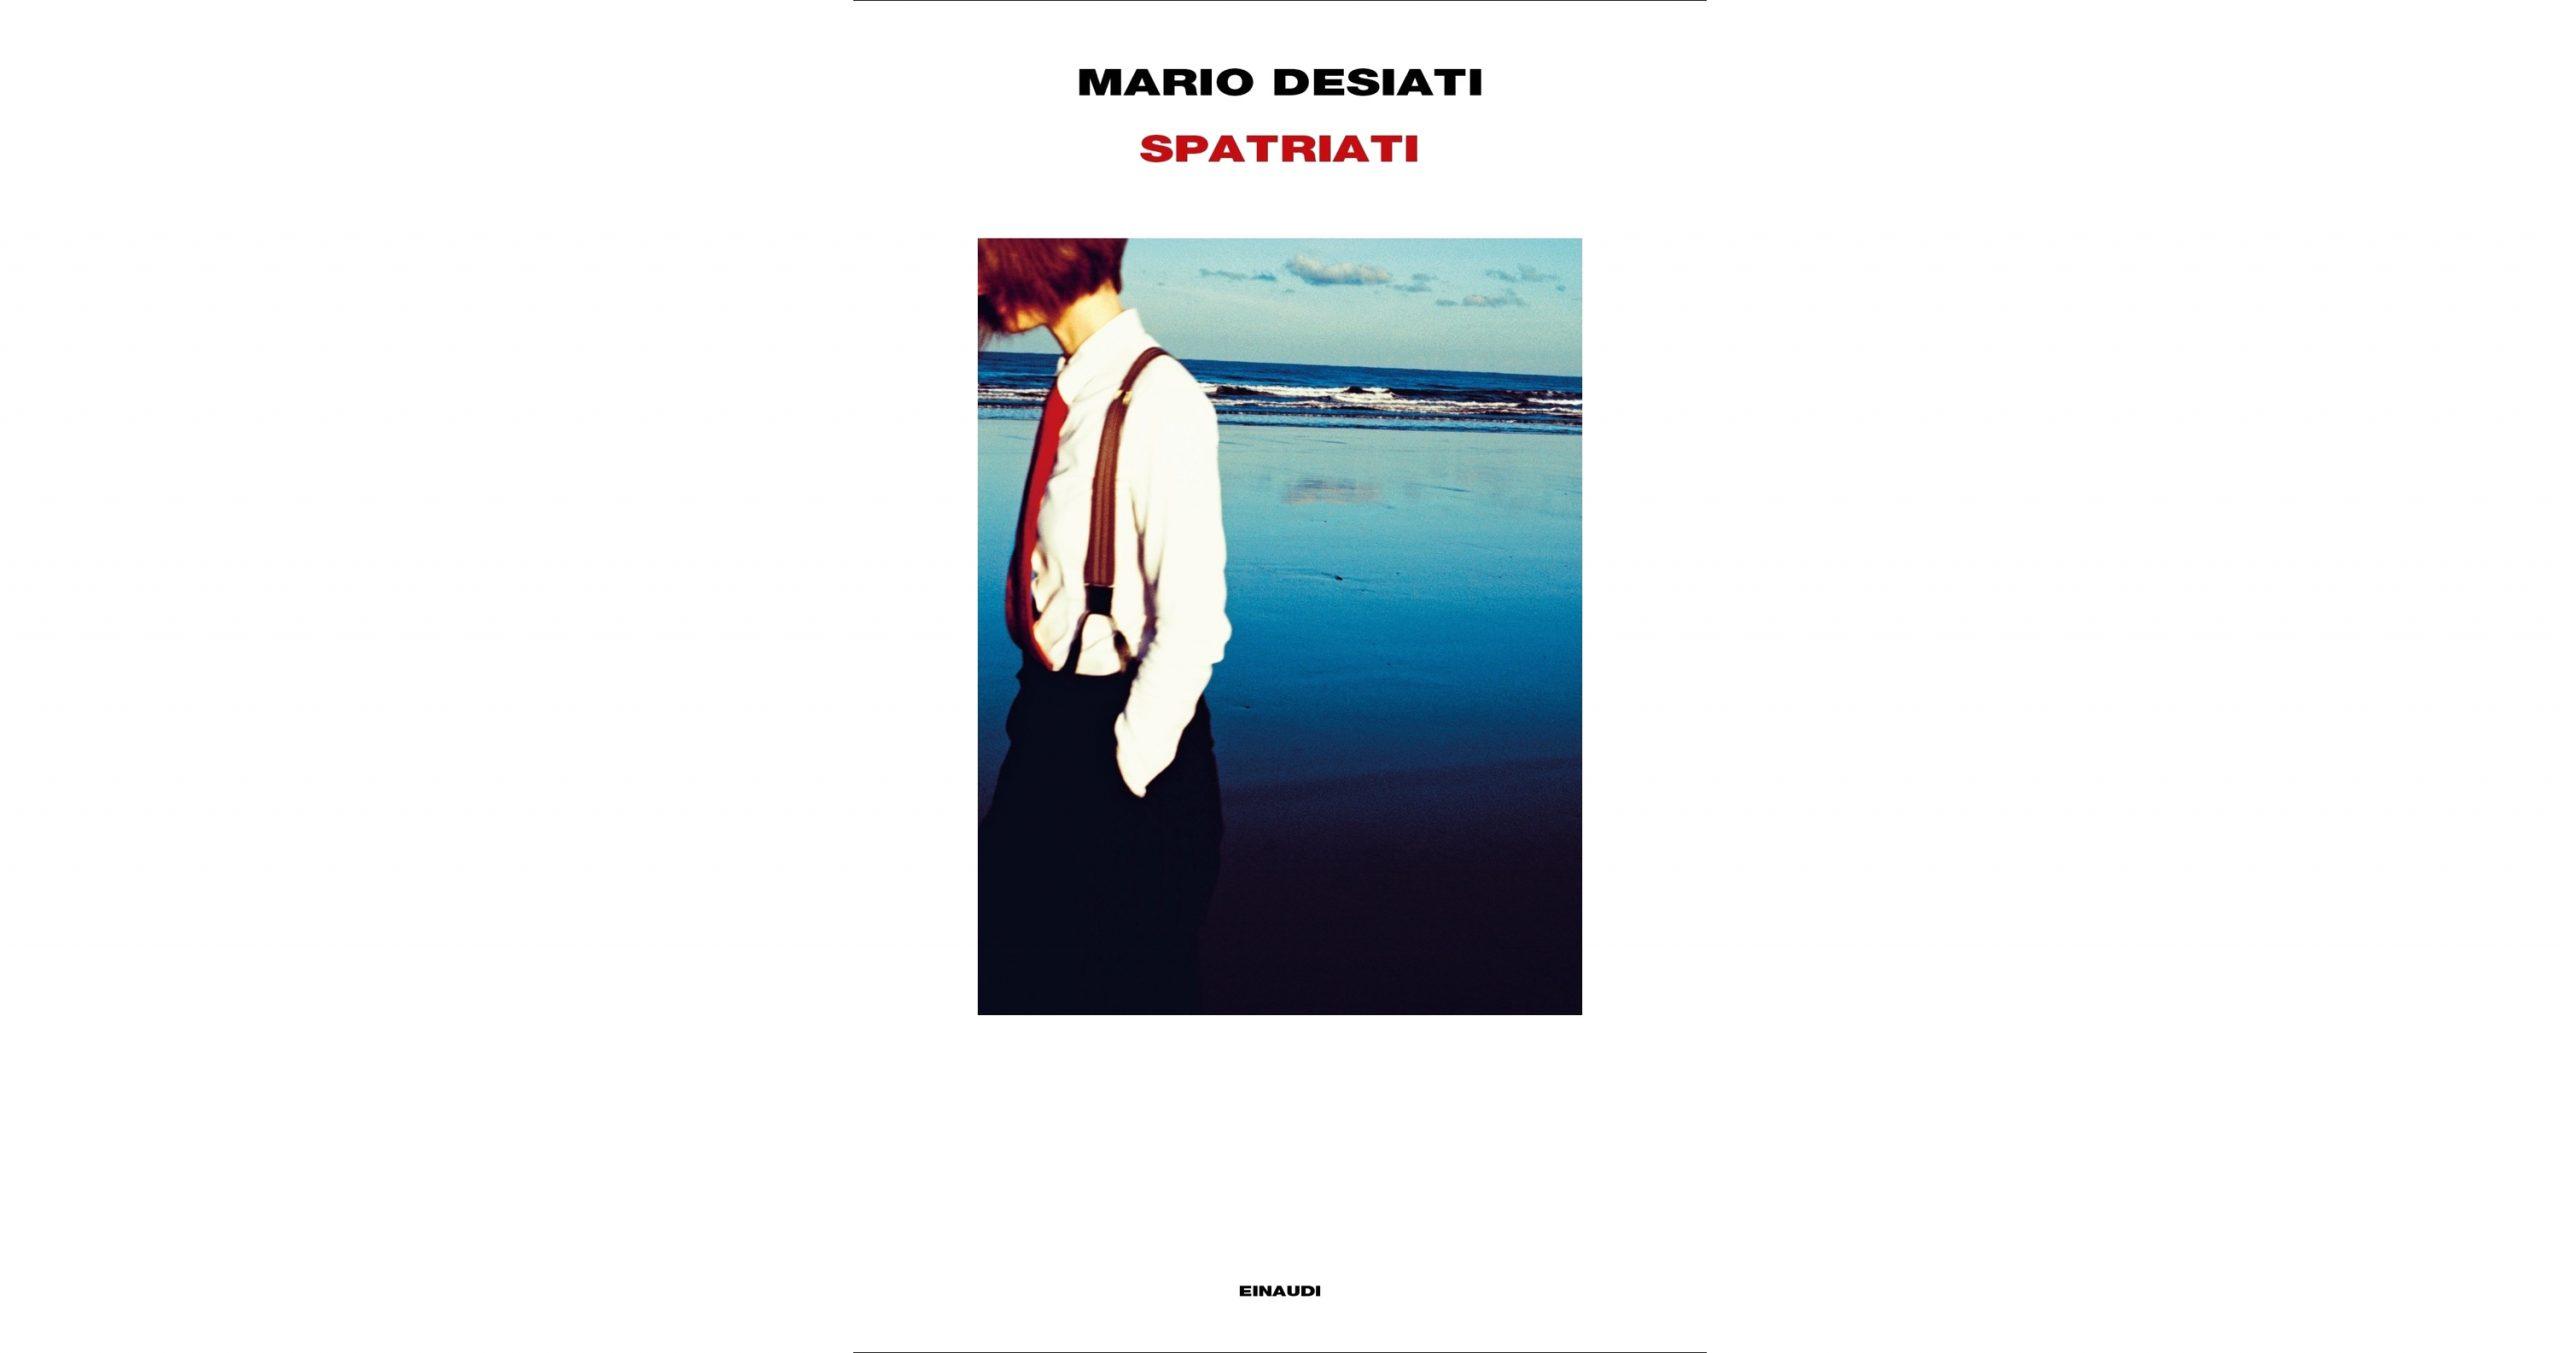 Gli spatriati di Mario Desiati, la recensione